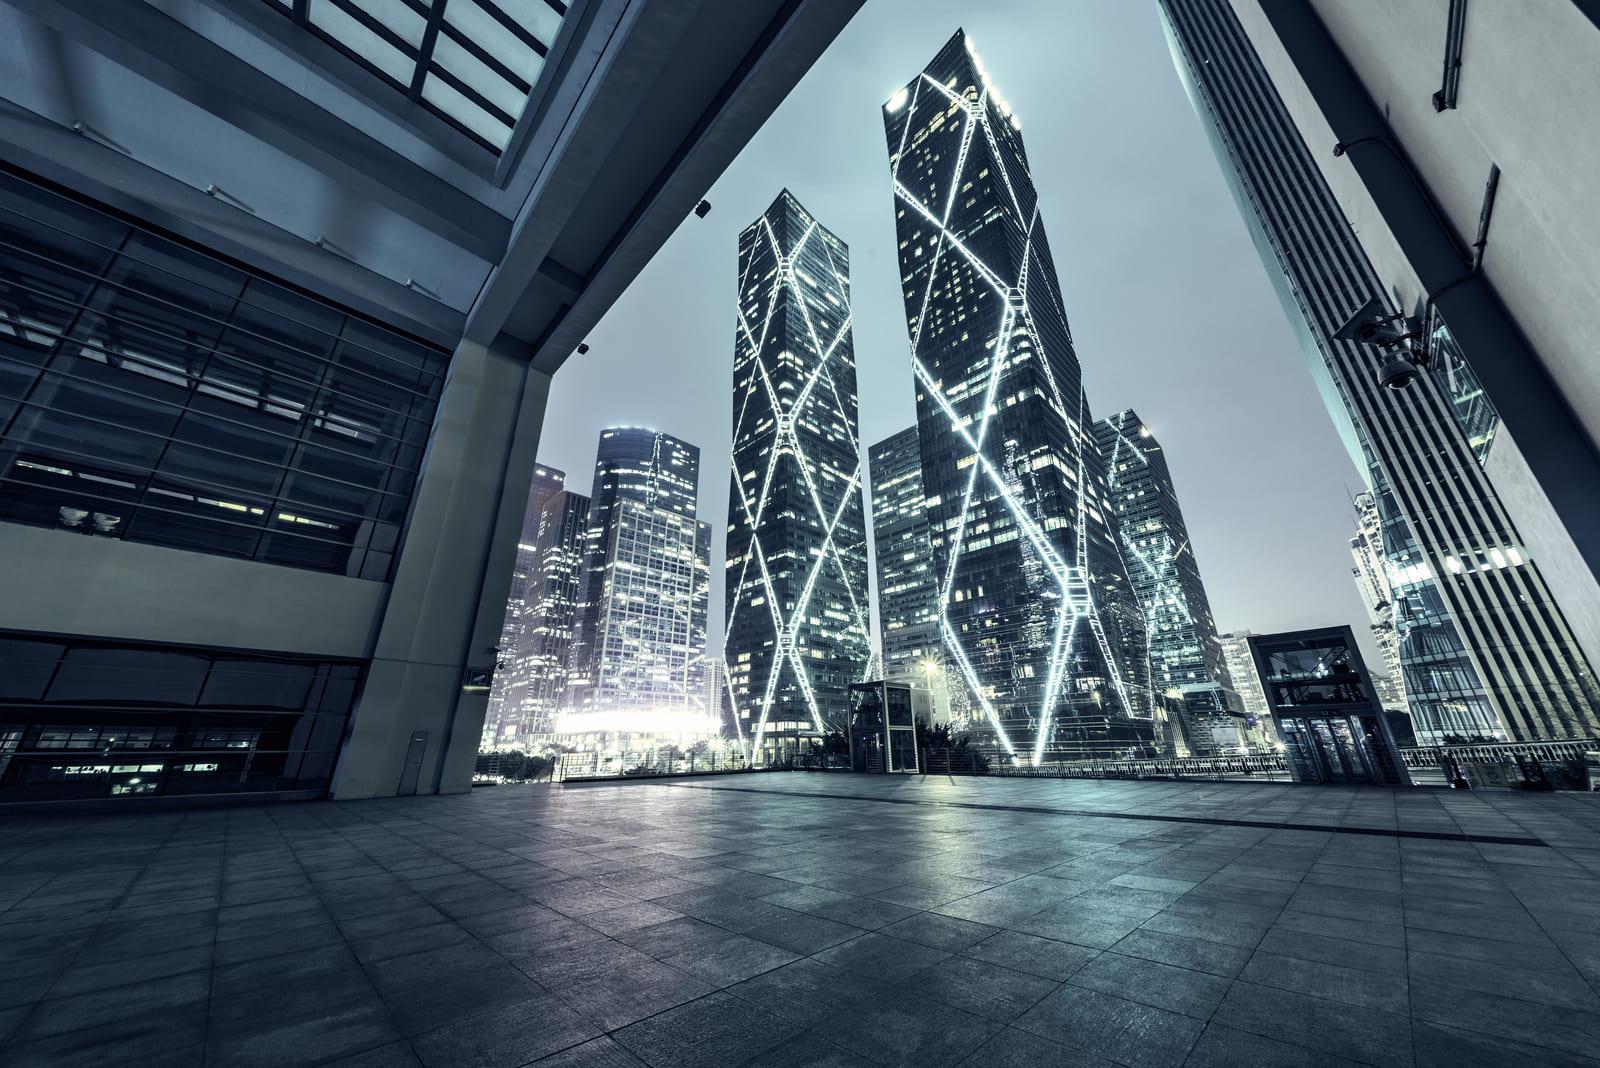 Public architecture feature